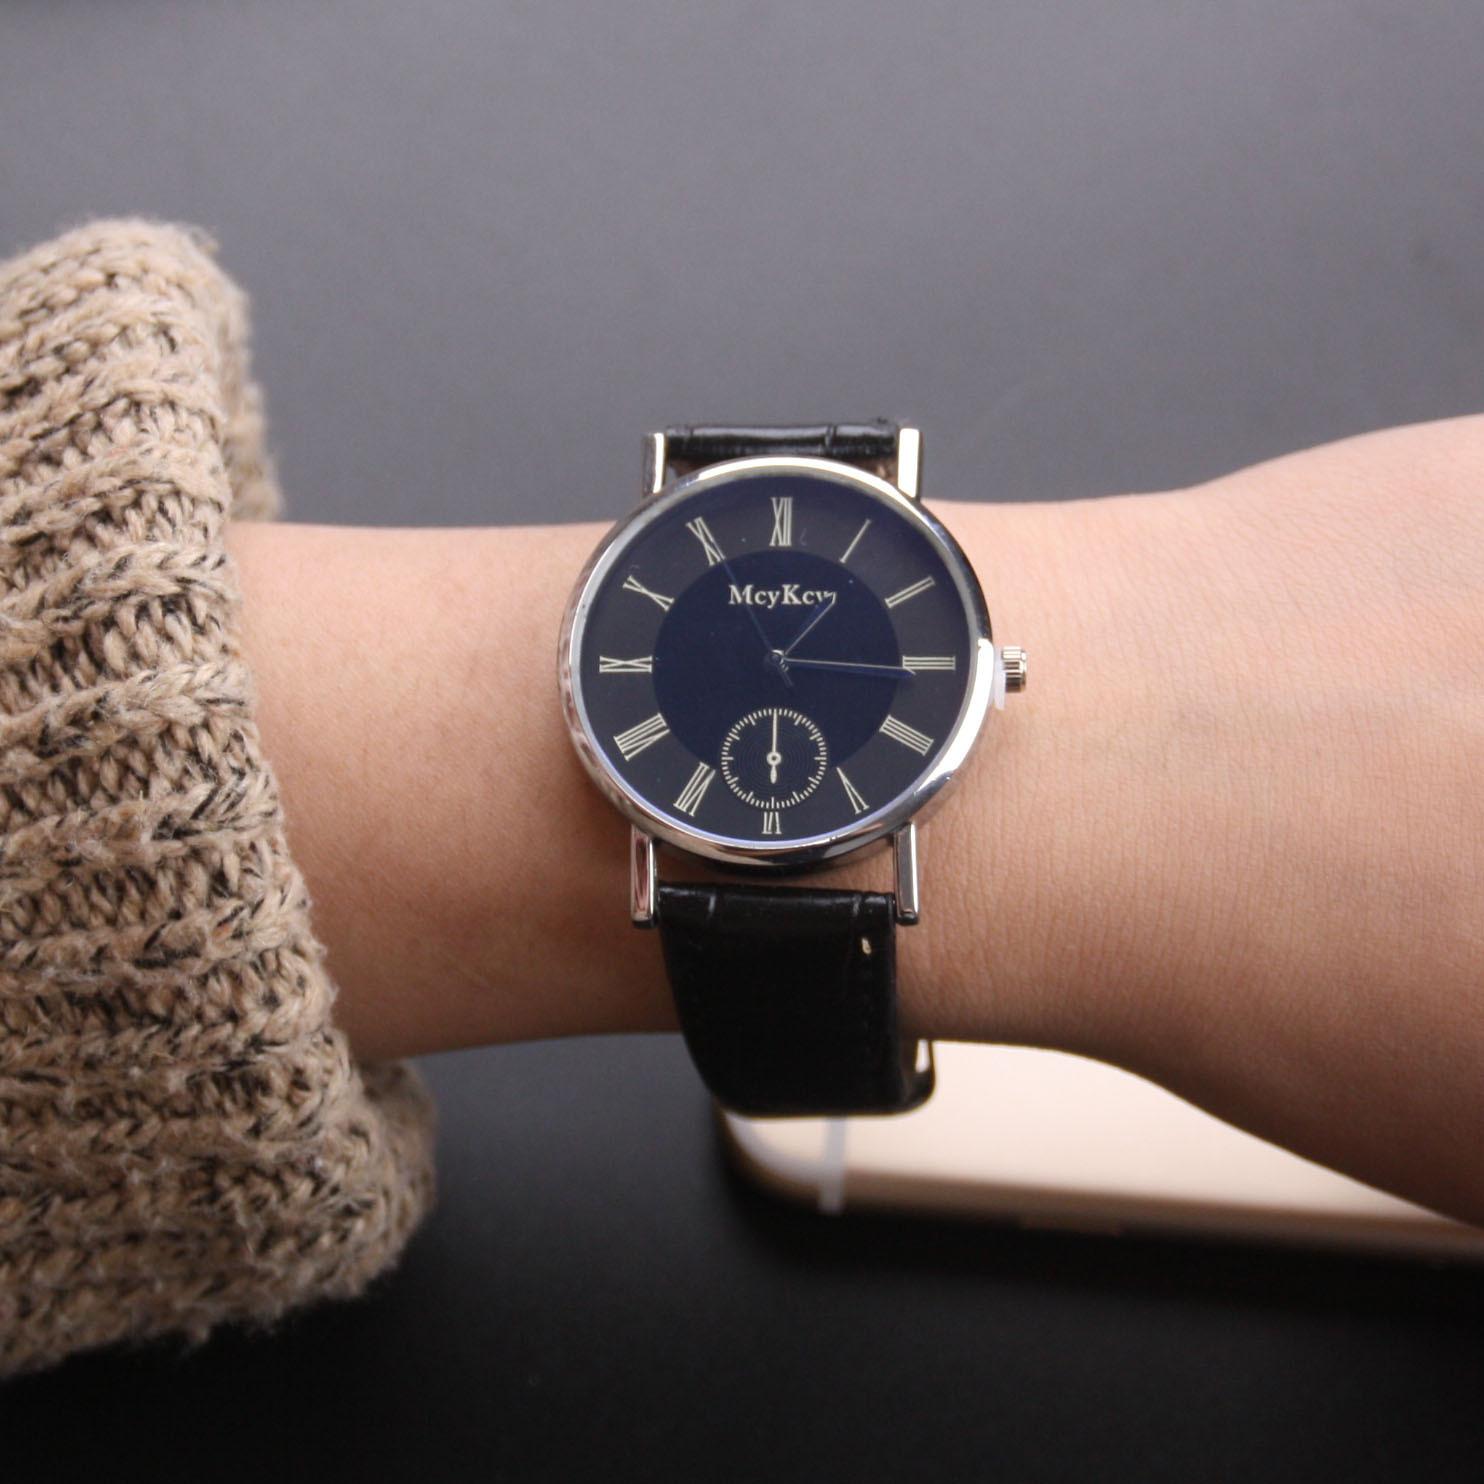 奇迹良品腕表厂价直发超薄时尚男女情侣手表简约休闲蓝光玻璃精品